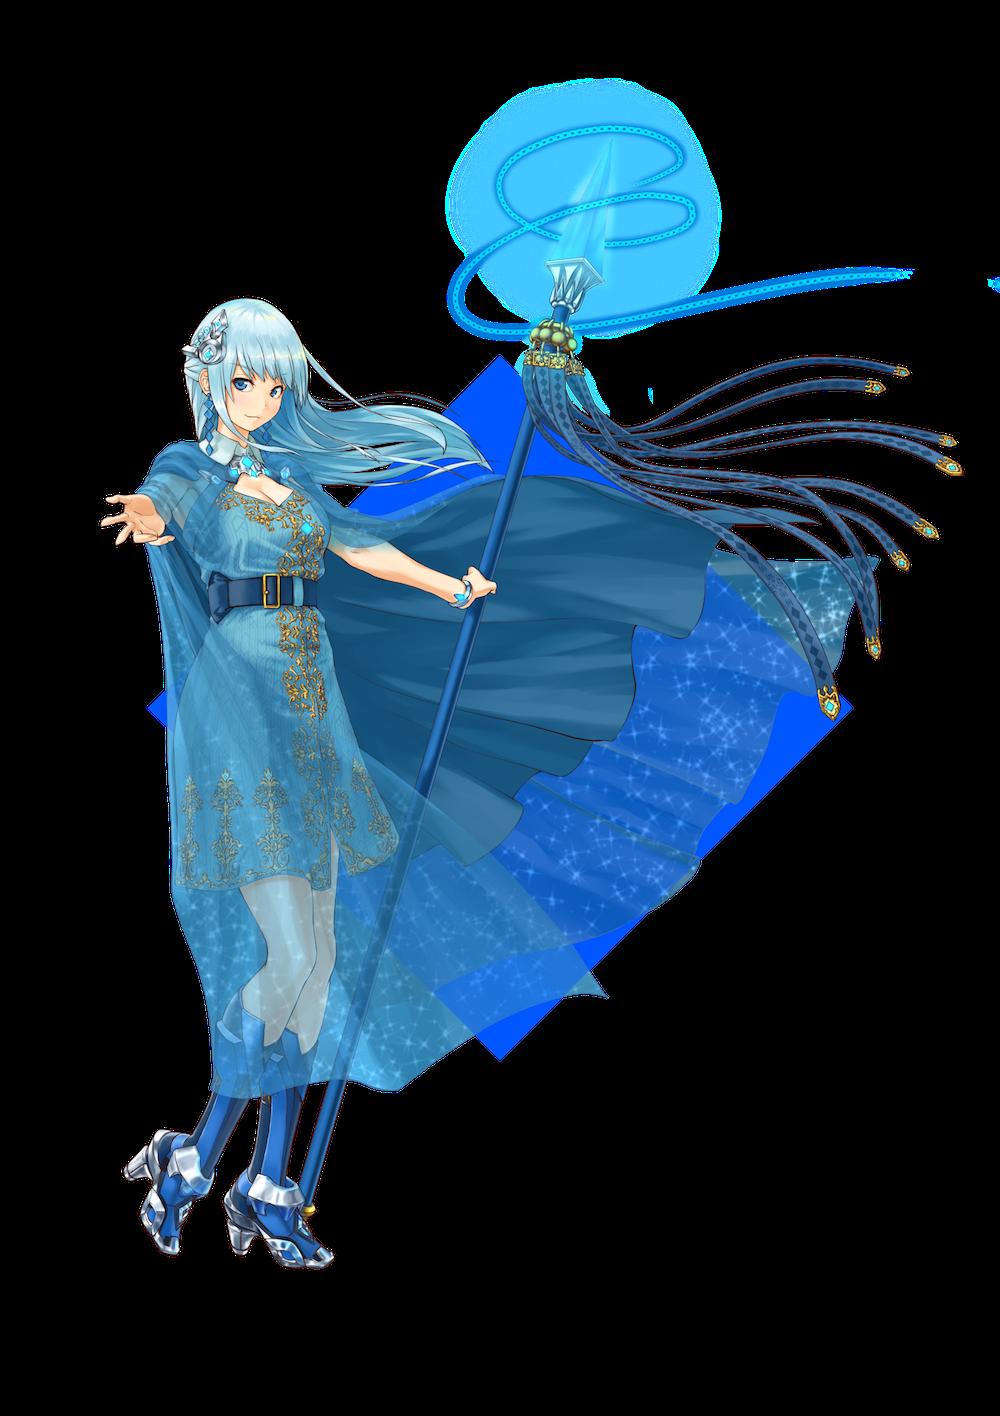 仮想通貨(暗号通貨)ウェーブス(waves)の擬人化キャラクター